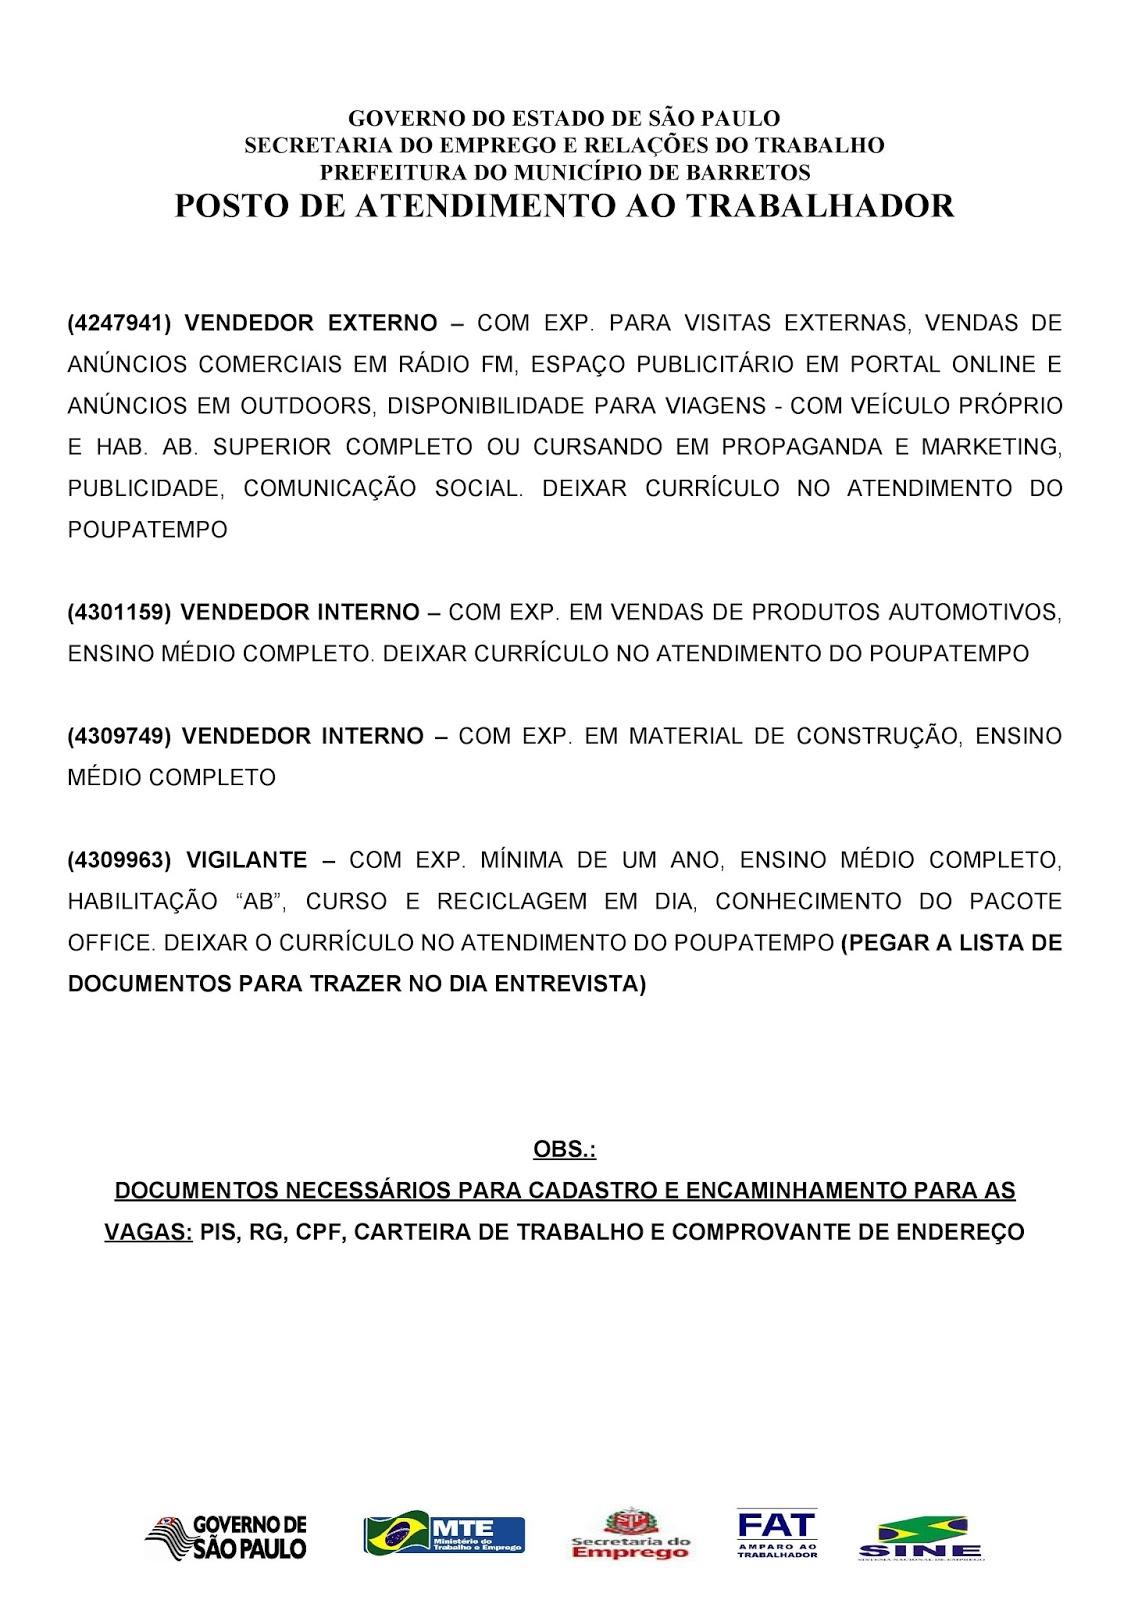 VAGAS DE EMPREGO DO PAT BARRETOS-SP PARA 23/11/2017 QUINTA-FEIRA - Pag. 3